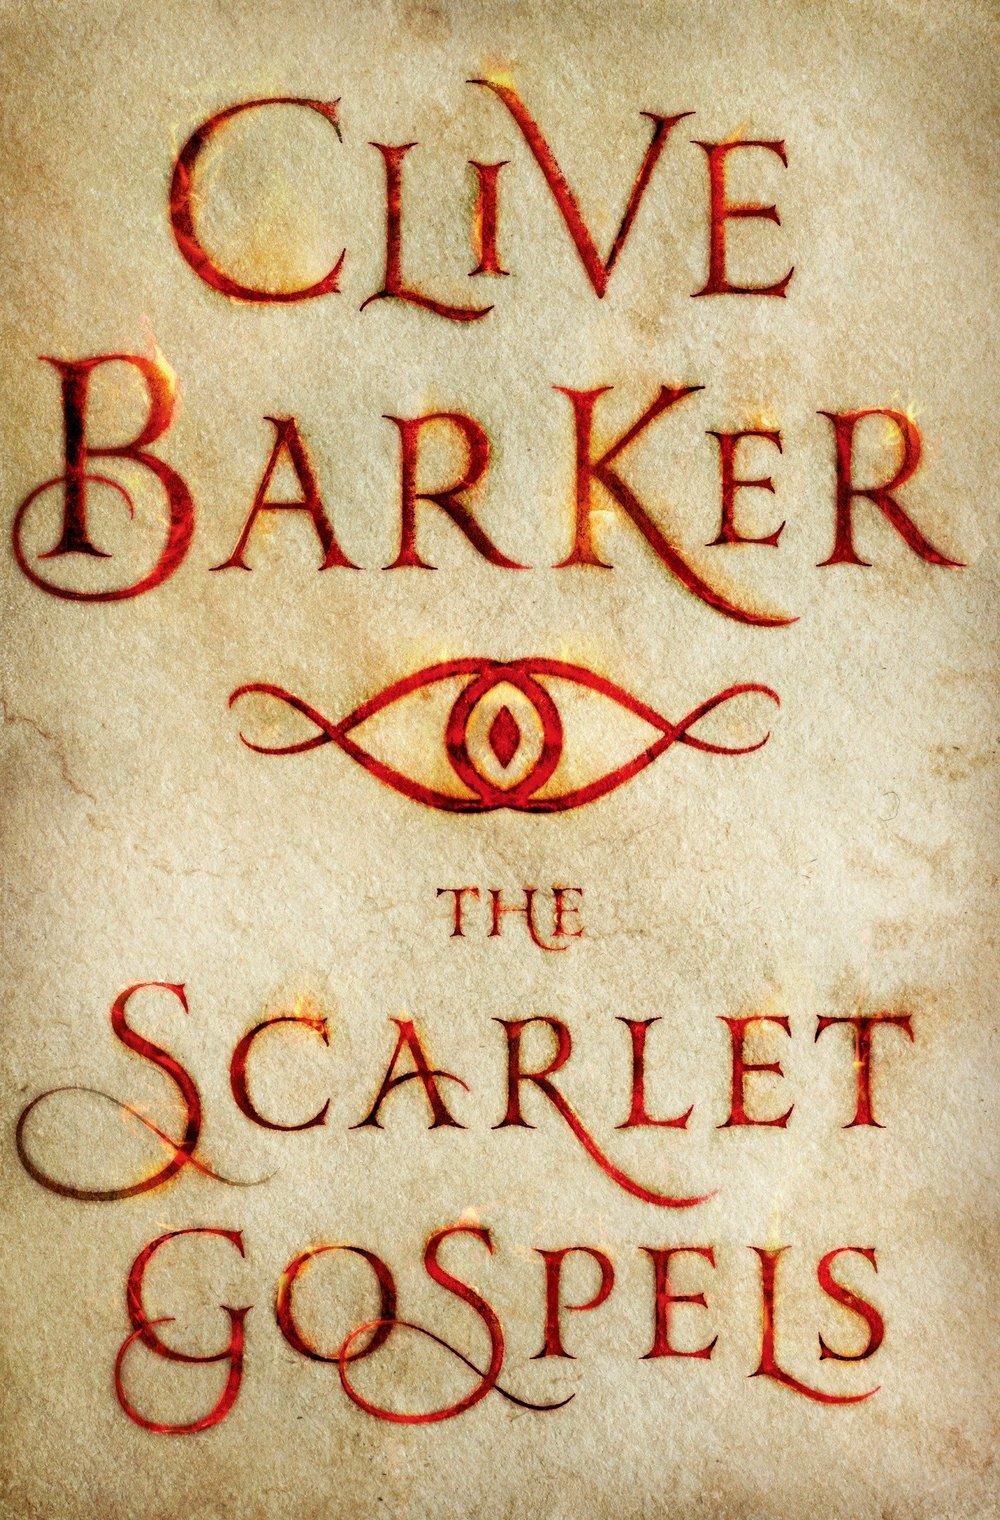 Clive Barker Scarlet Gospels Cover